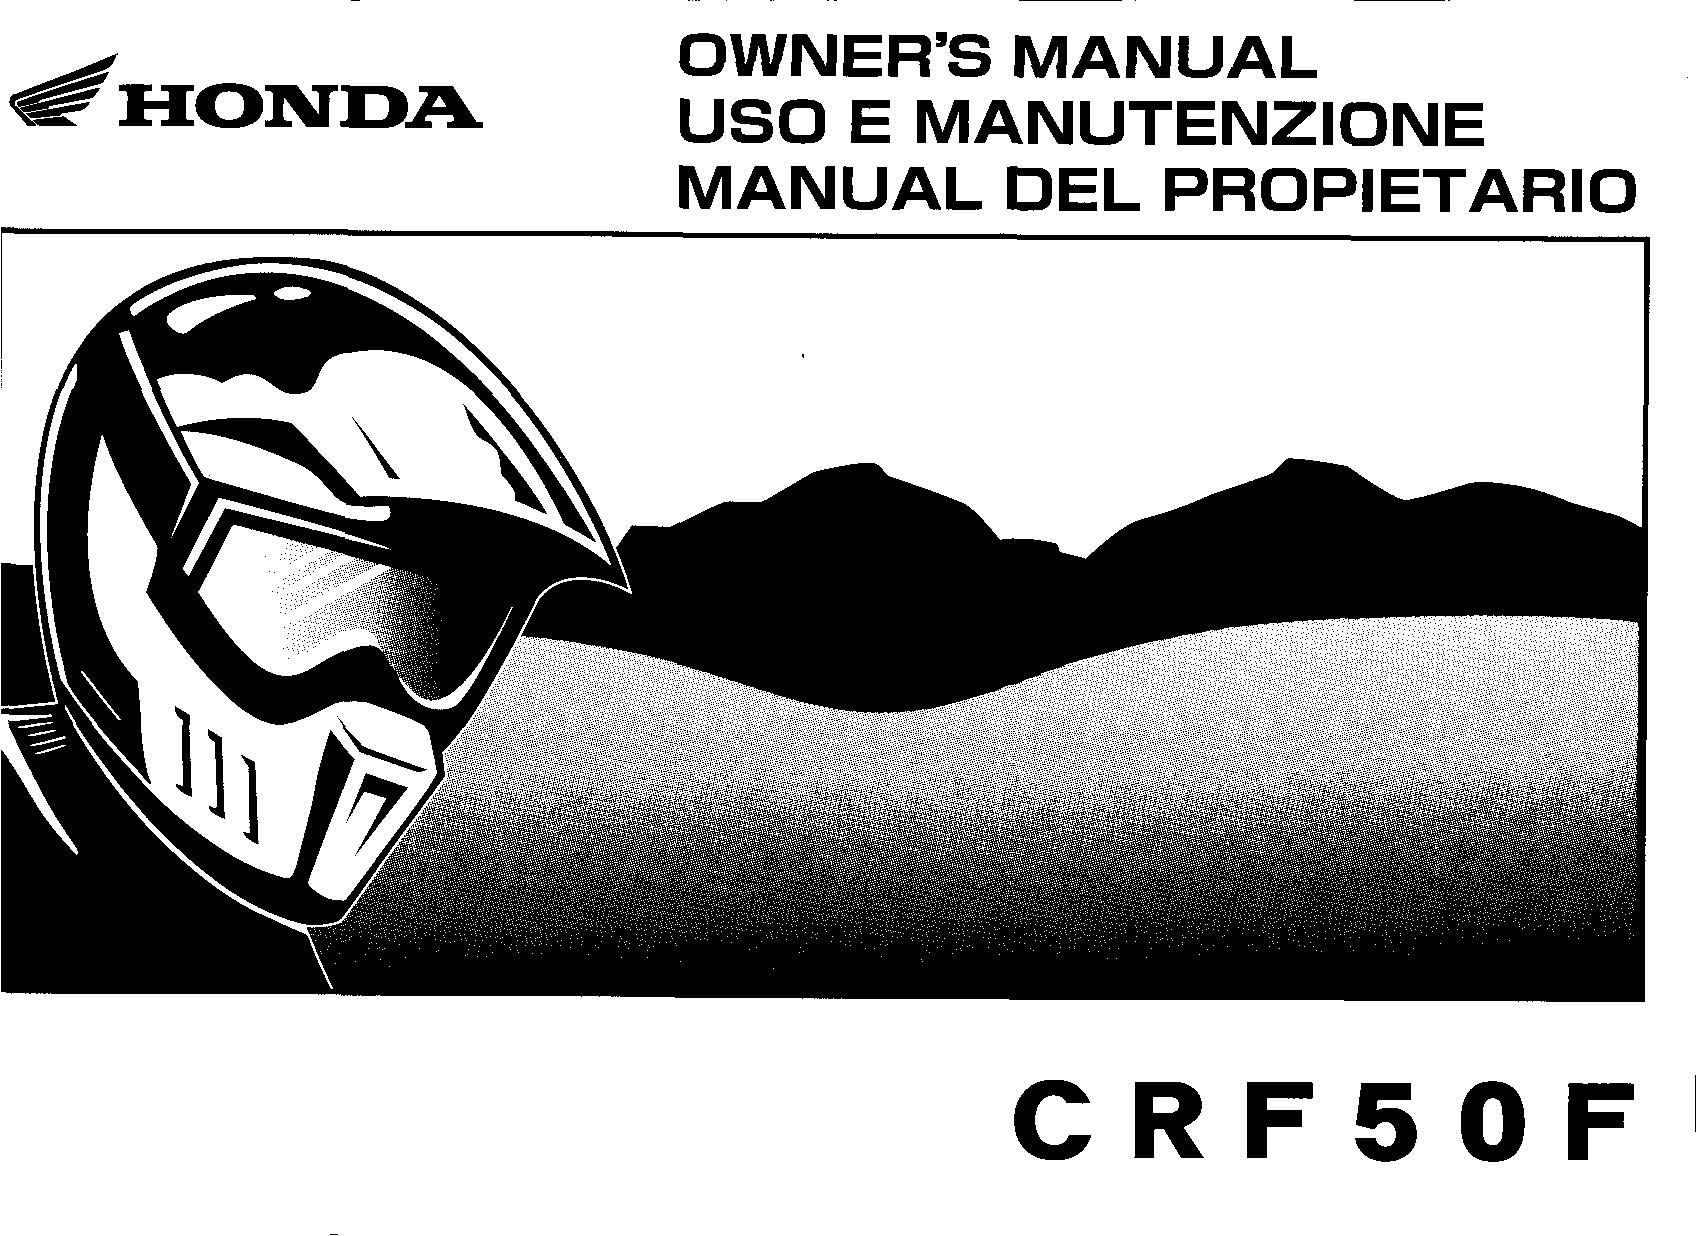 honda dio owners manual pdf